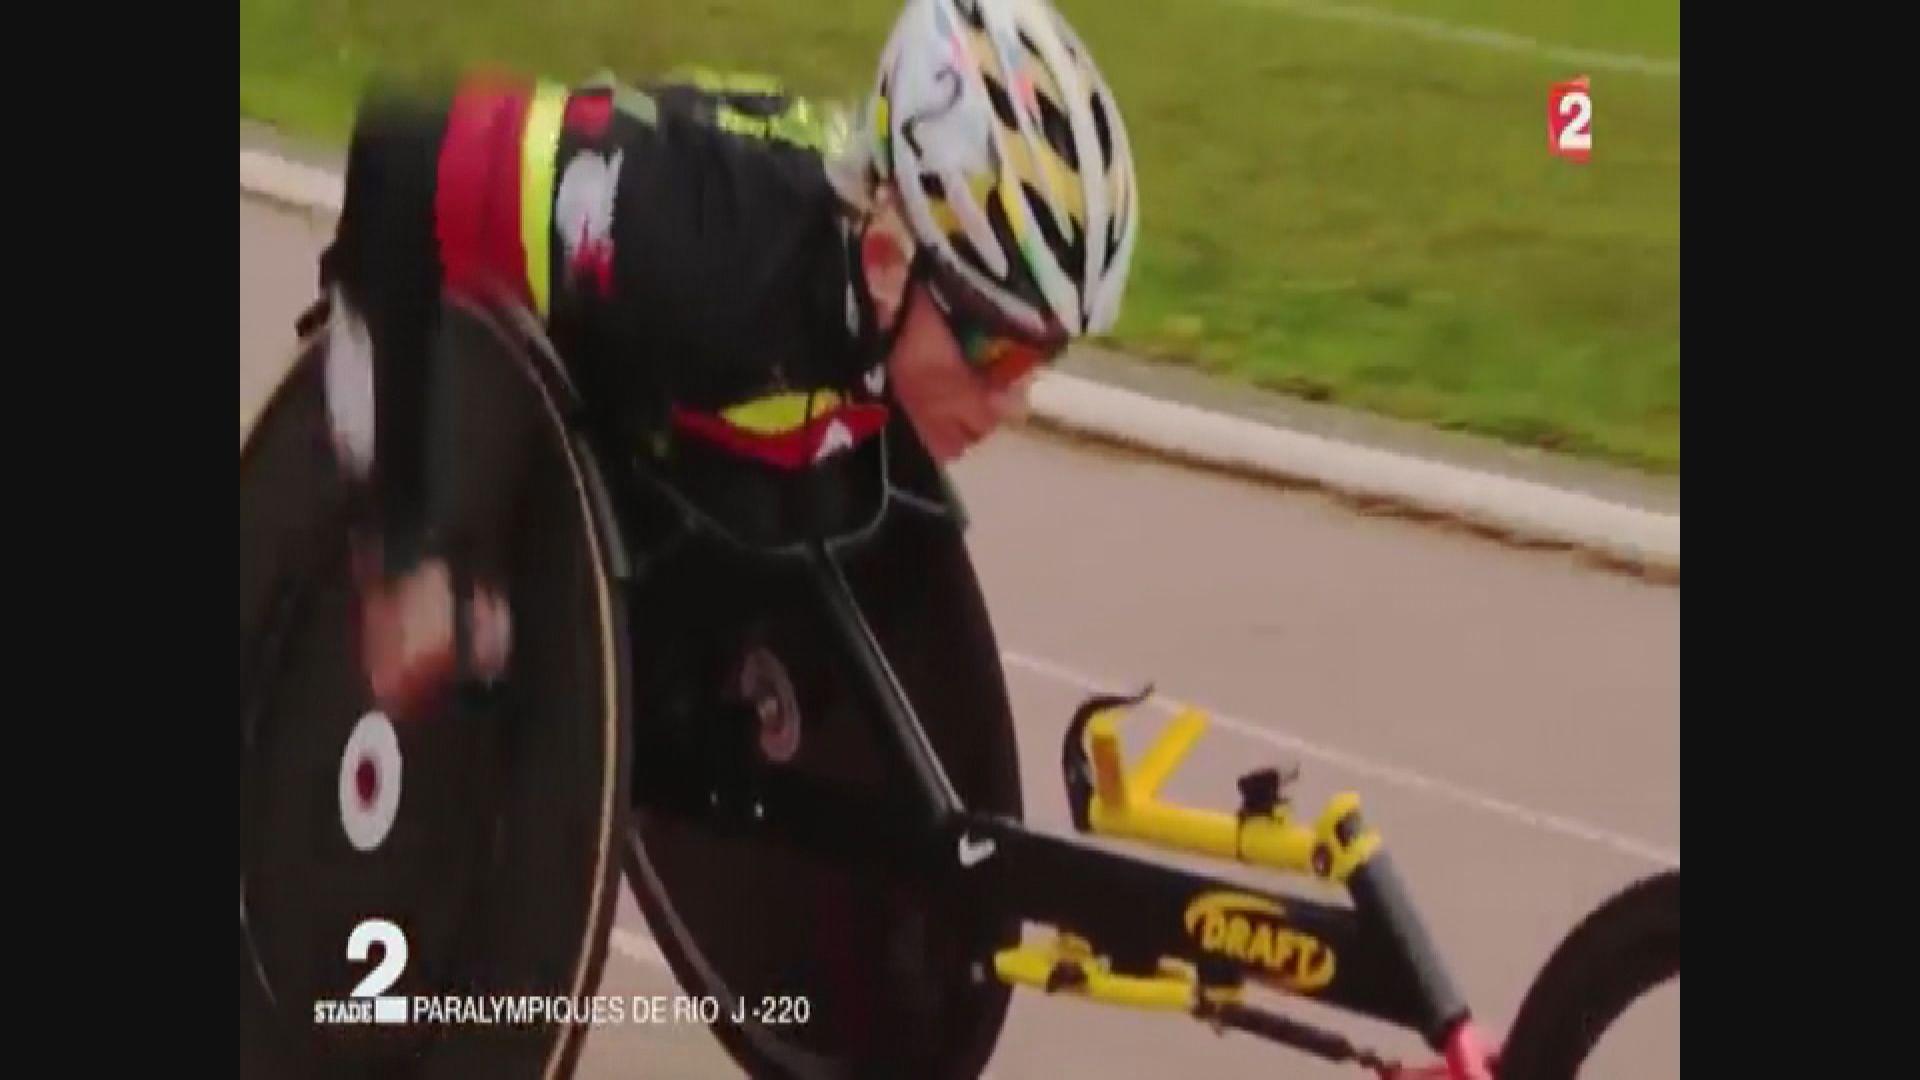 【環球薈報】比利時殘奧金牌得主安樂死辭世